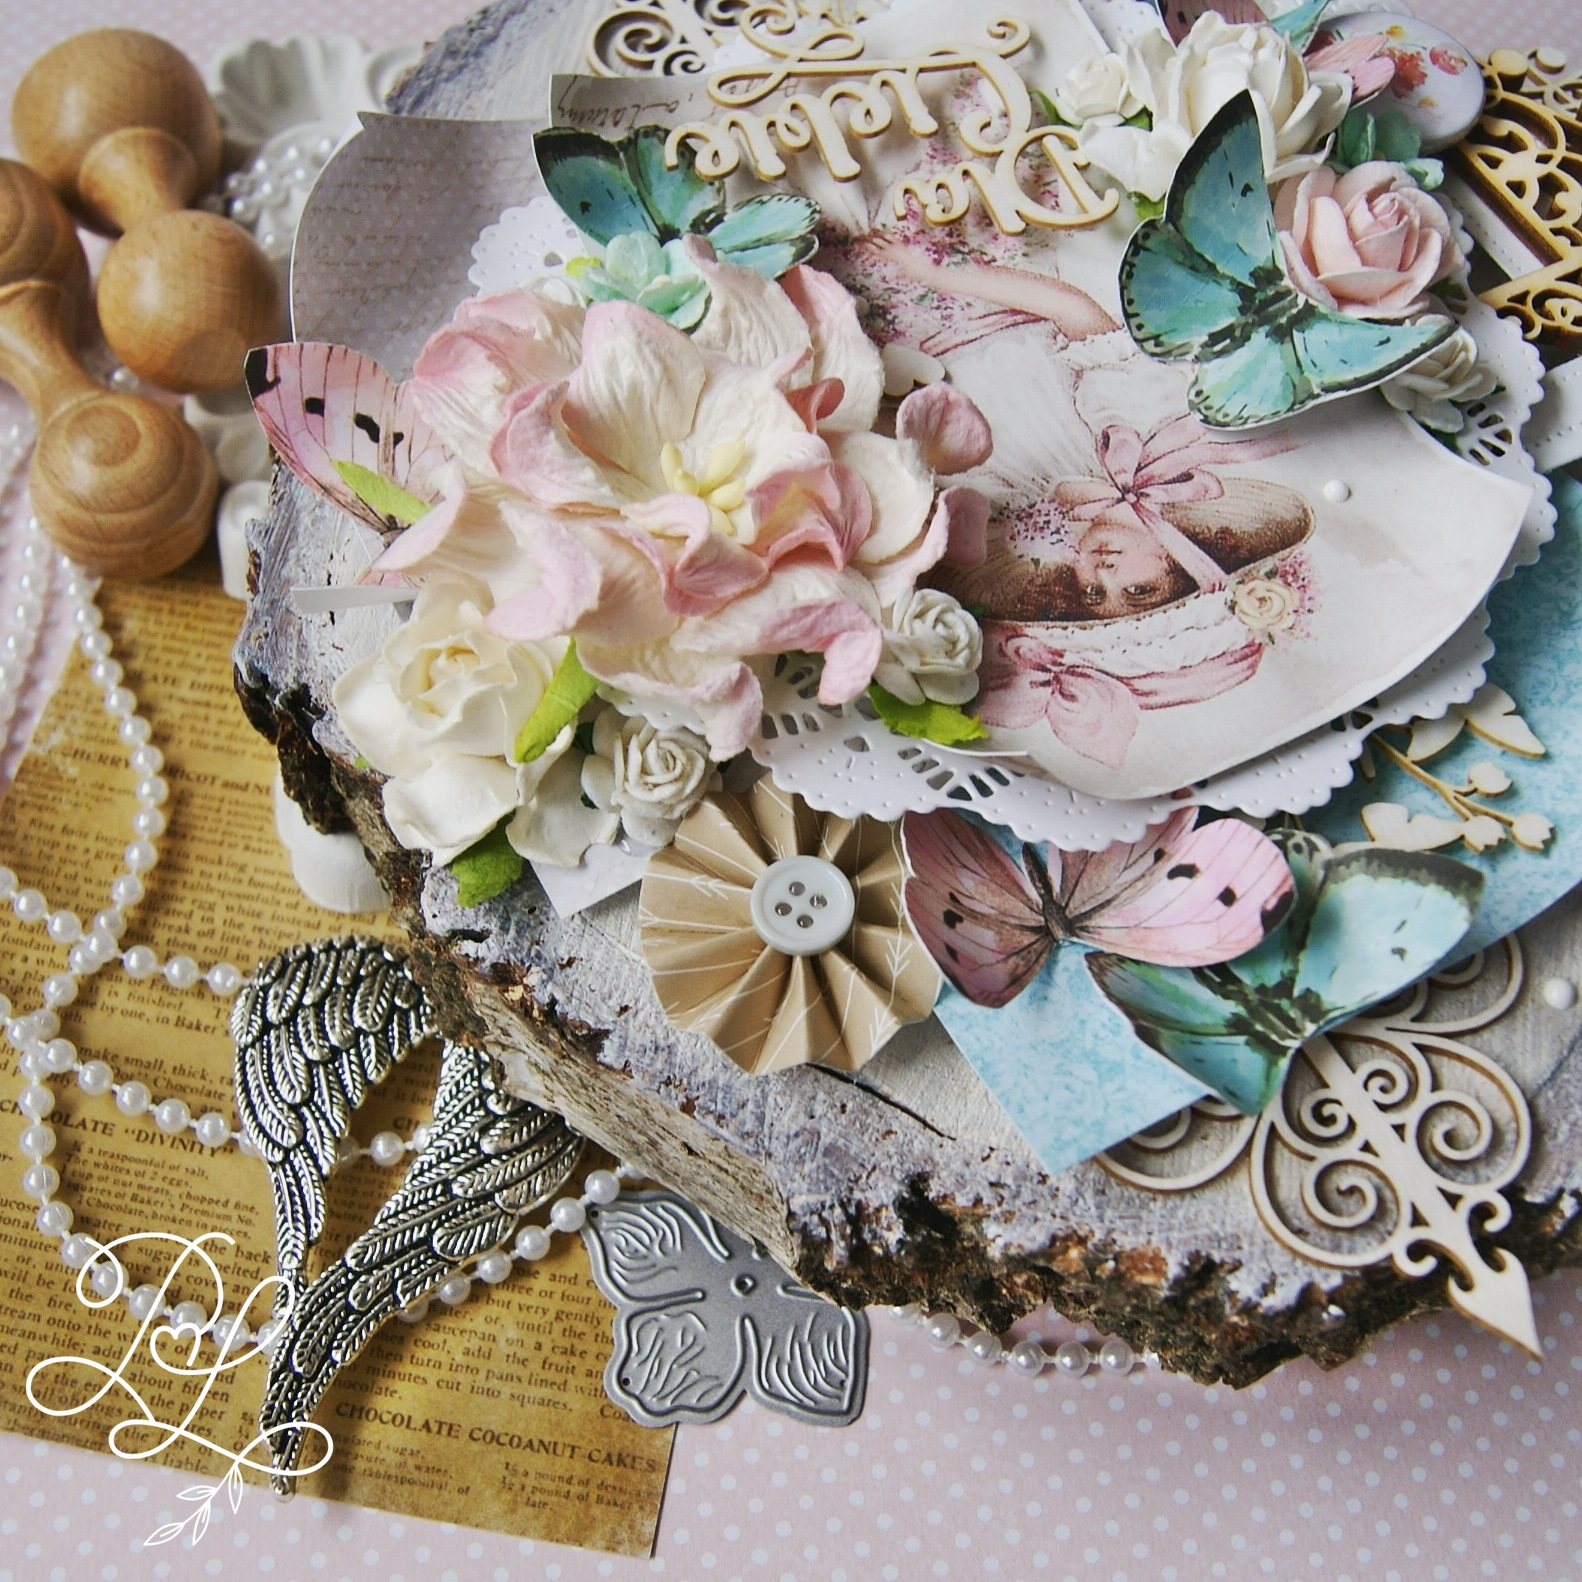 Piękna, kreatywna i warstwowa kompozycja na plastrze surowego drewna - Papierowe Love - sklep papierniczy i pracownia rękodzieła Katarzyna Rajczakowska.